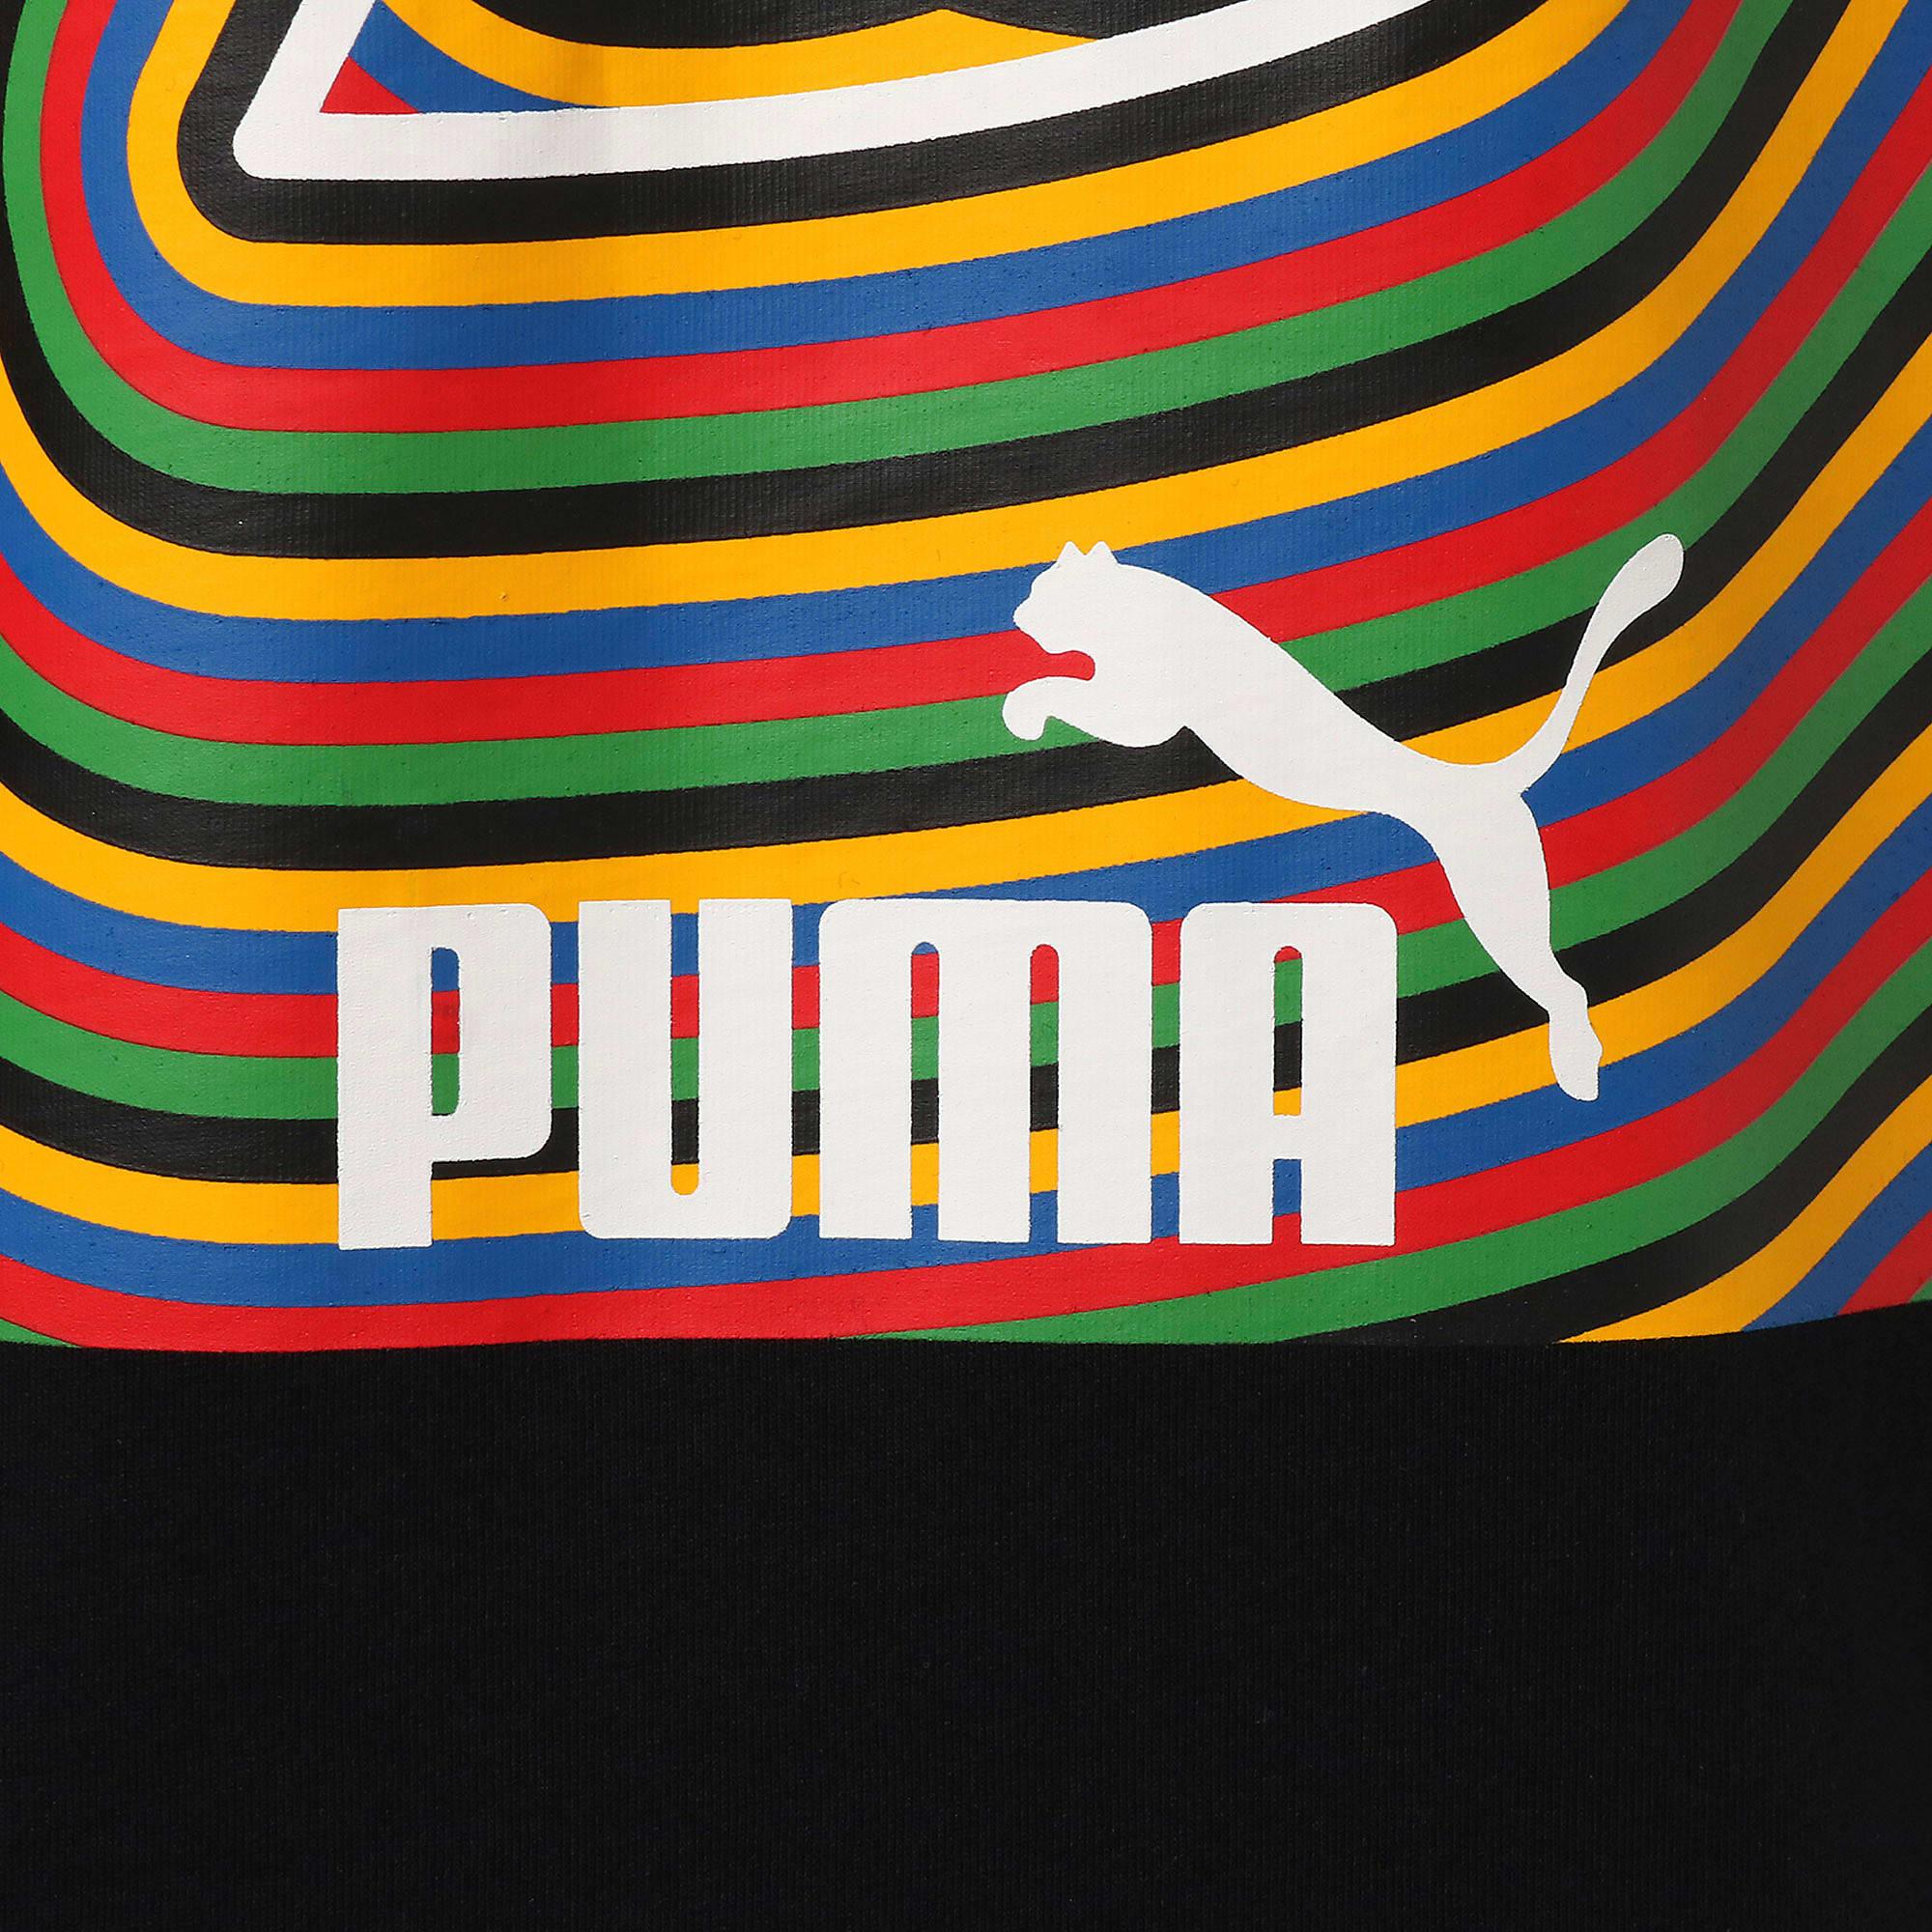 Thumbnail 3 of PWR THRU PEACE LS, Puma Black, medium-JPN